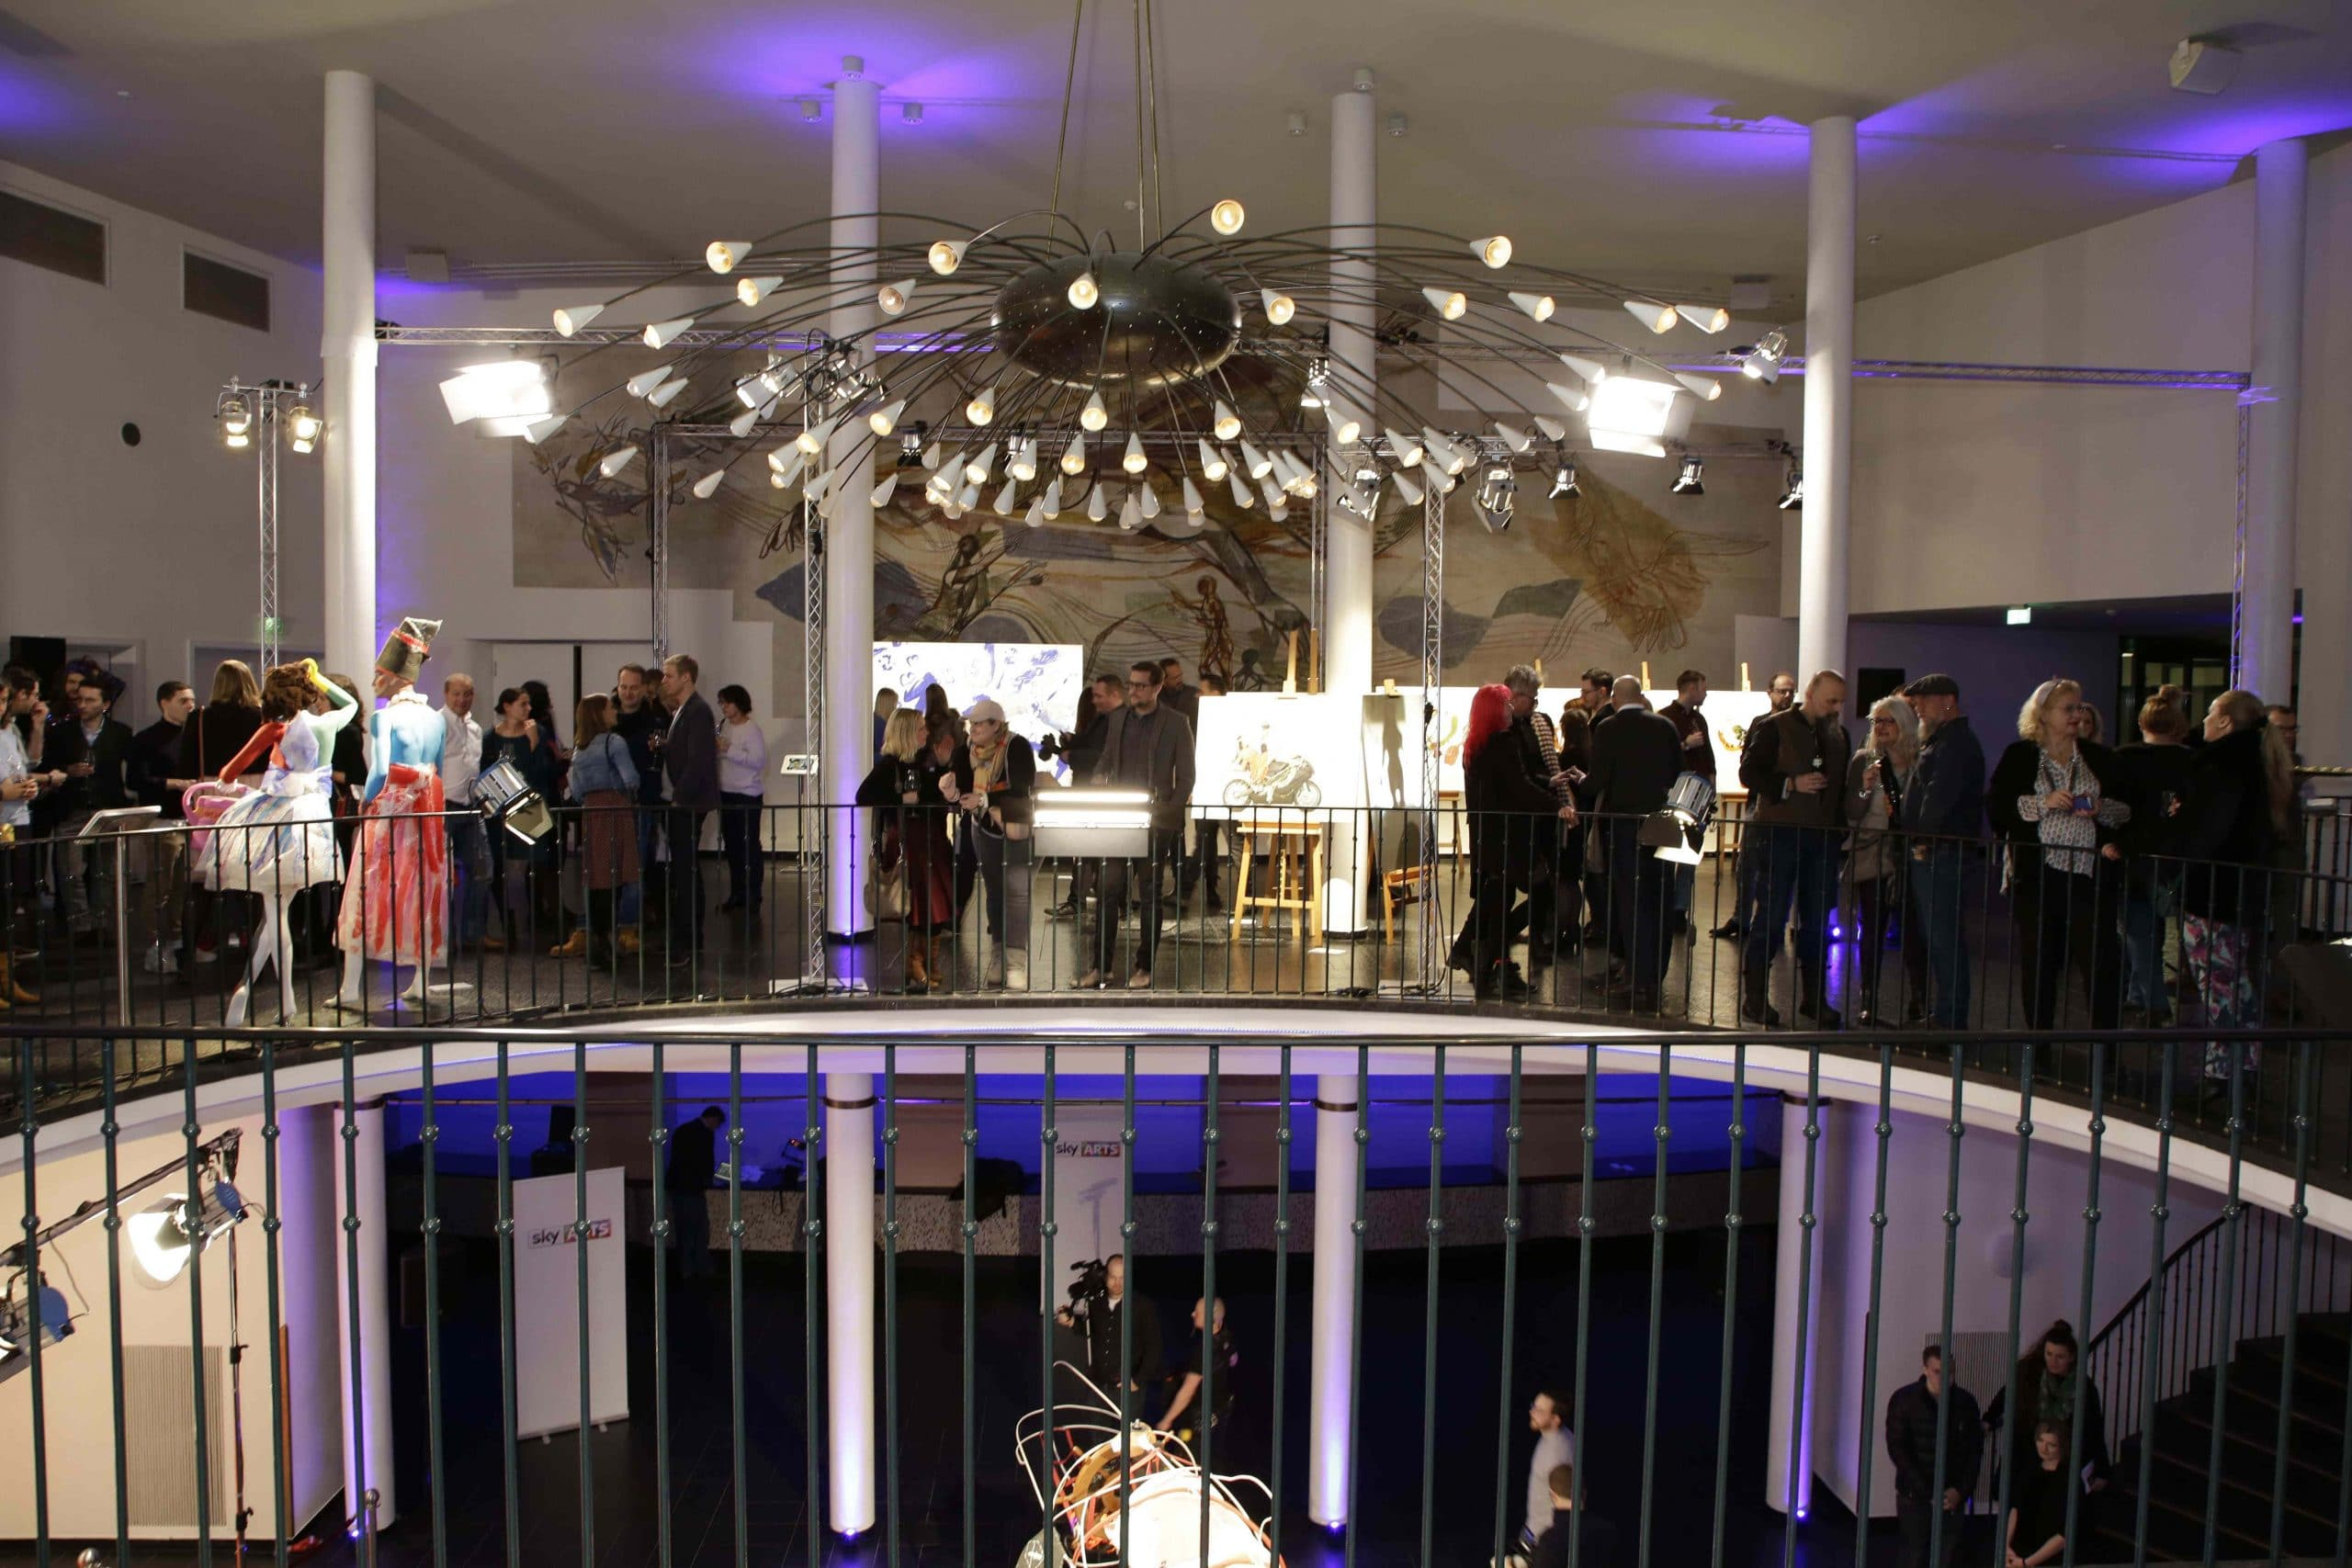 Übersicht MIX UP ART Vernissage von Sky Arts ( Künstler und Promis stellen ihre gemeinsamen Kunstwerke aus.Online Auktion ab sofort unter www.sky.de/mixupart für einen guten Zweck.) in der alten Kongresshalle in München am 22.02.2018. Agency People Image (c) Viviane Simon